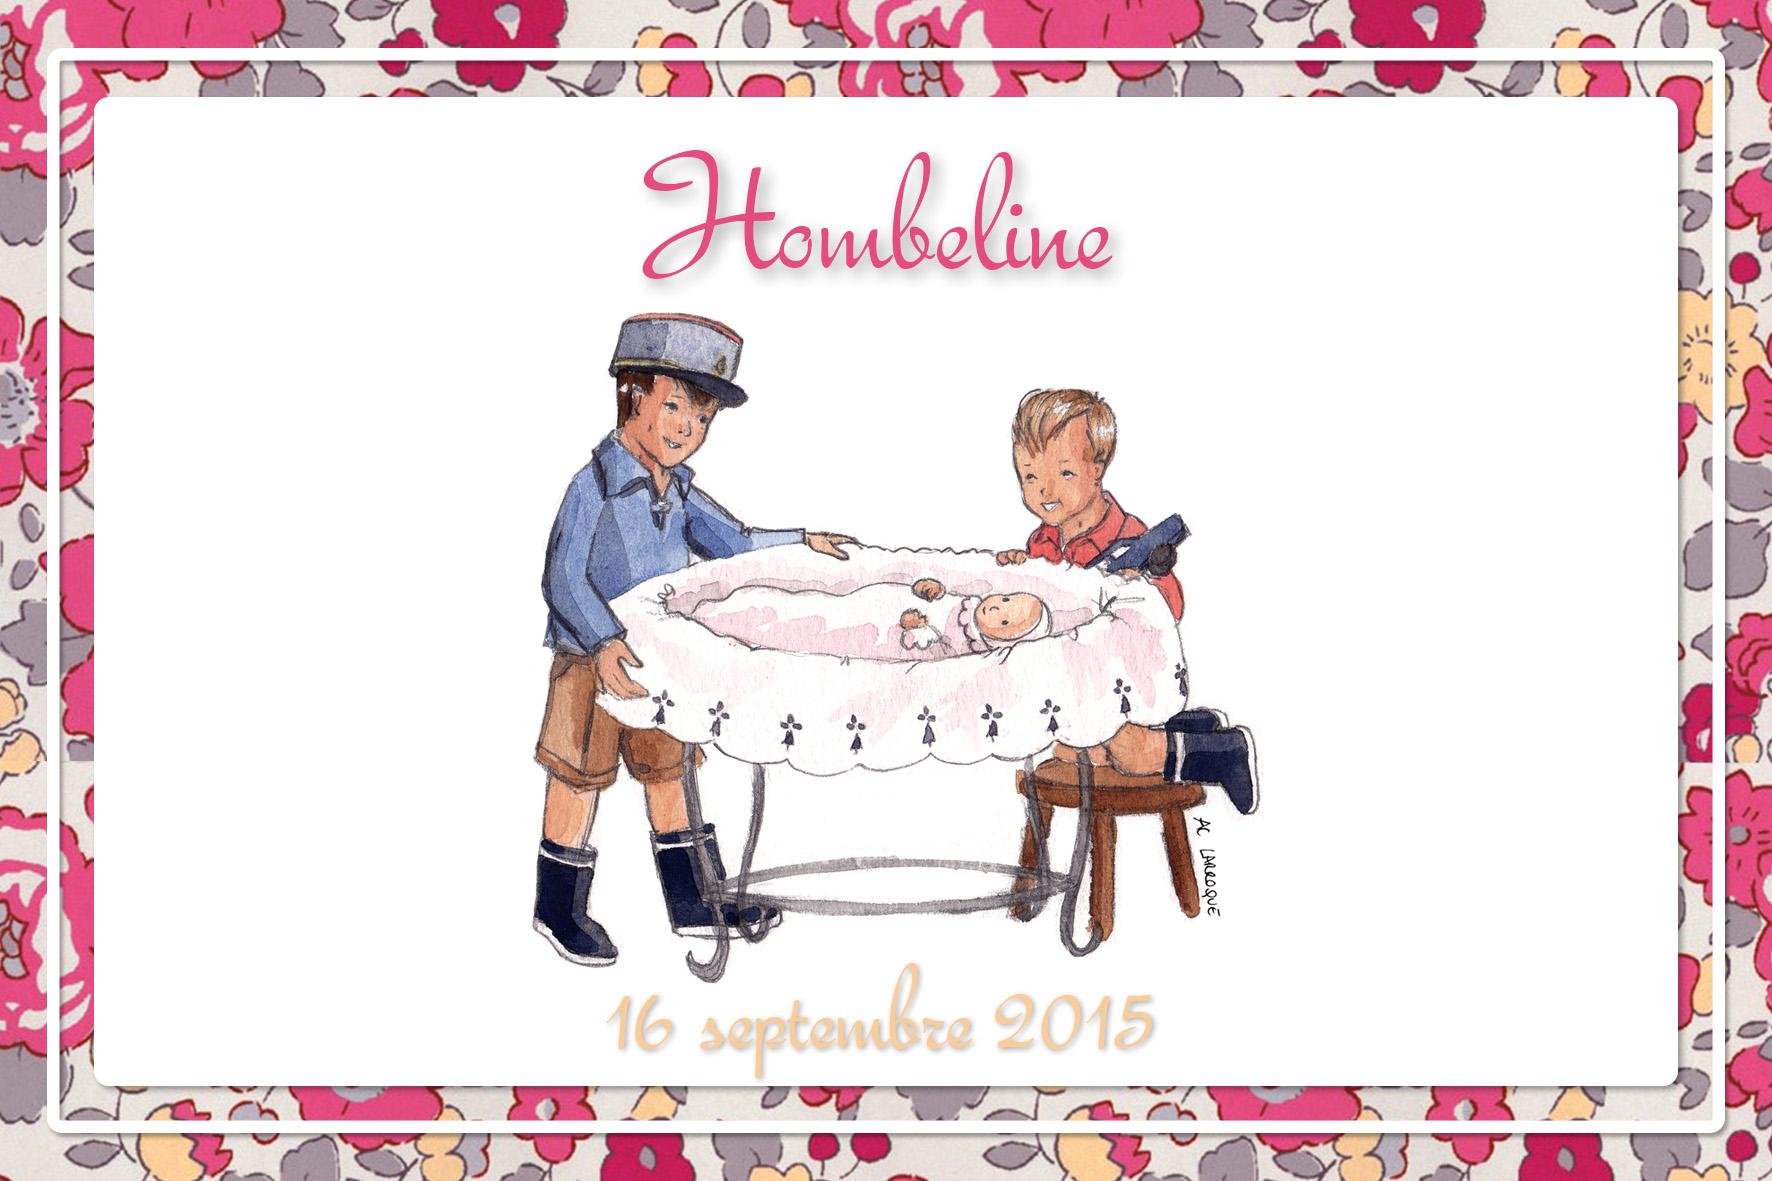 Hombeline